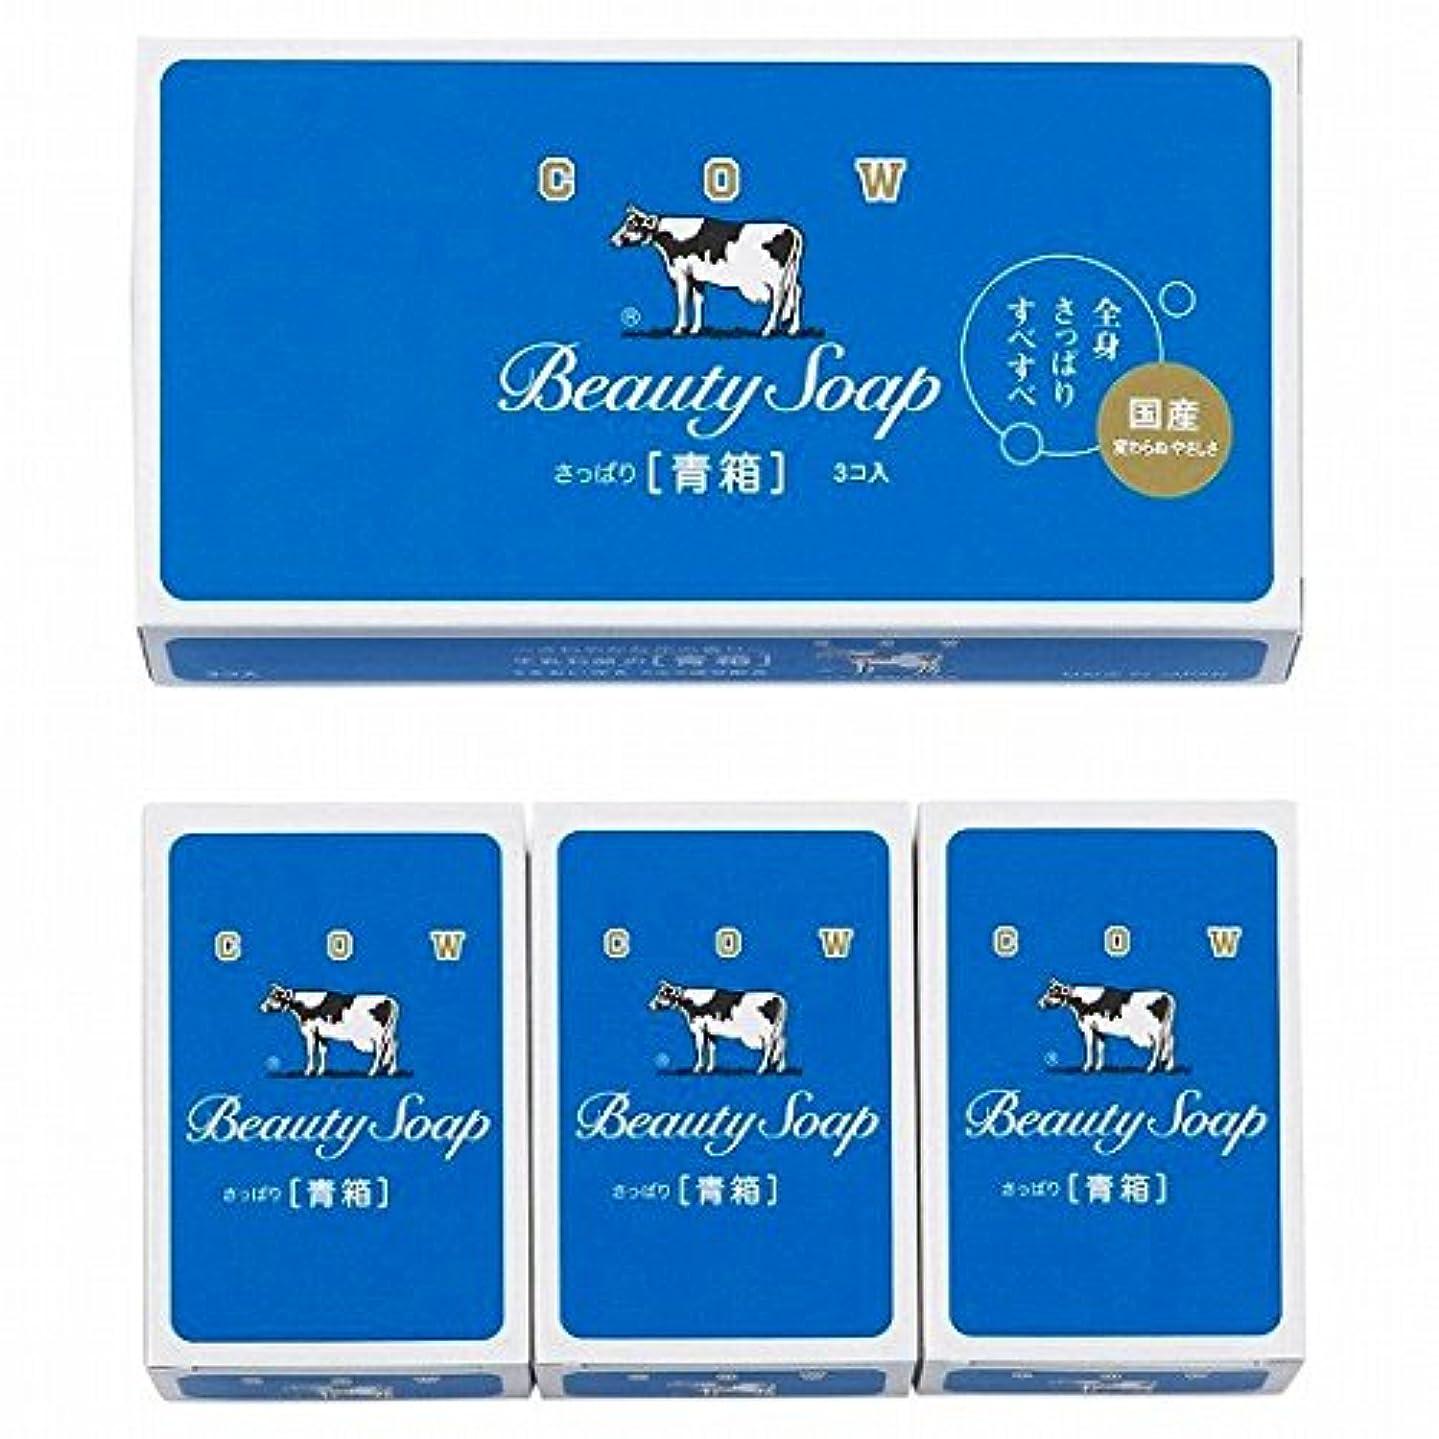 ヒギンズロードブロッキングシガレットnobrand 牛乳石鹸 カウブランド青箱3入(B17-033)